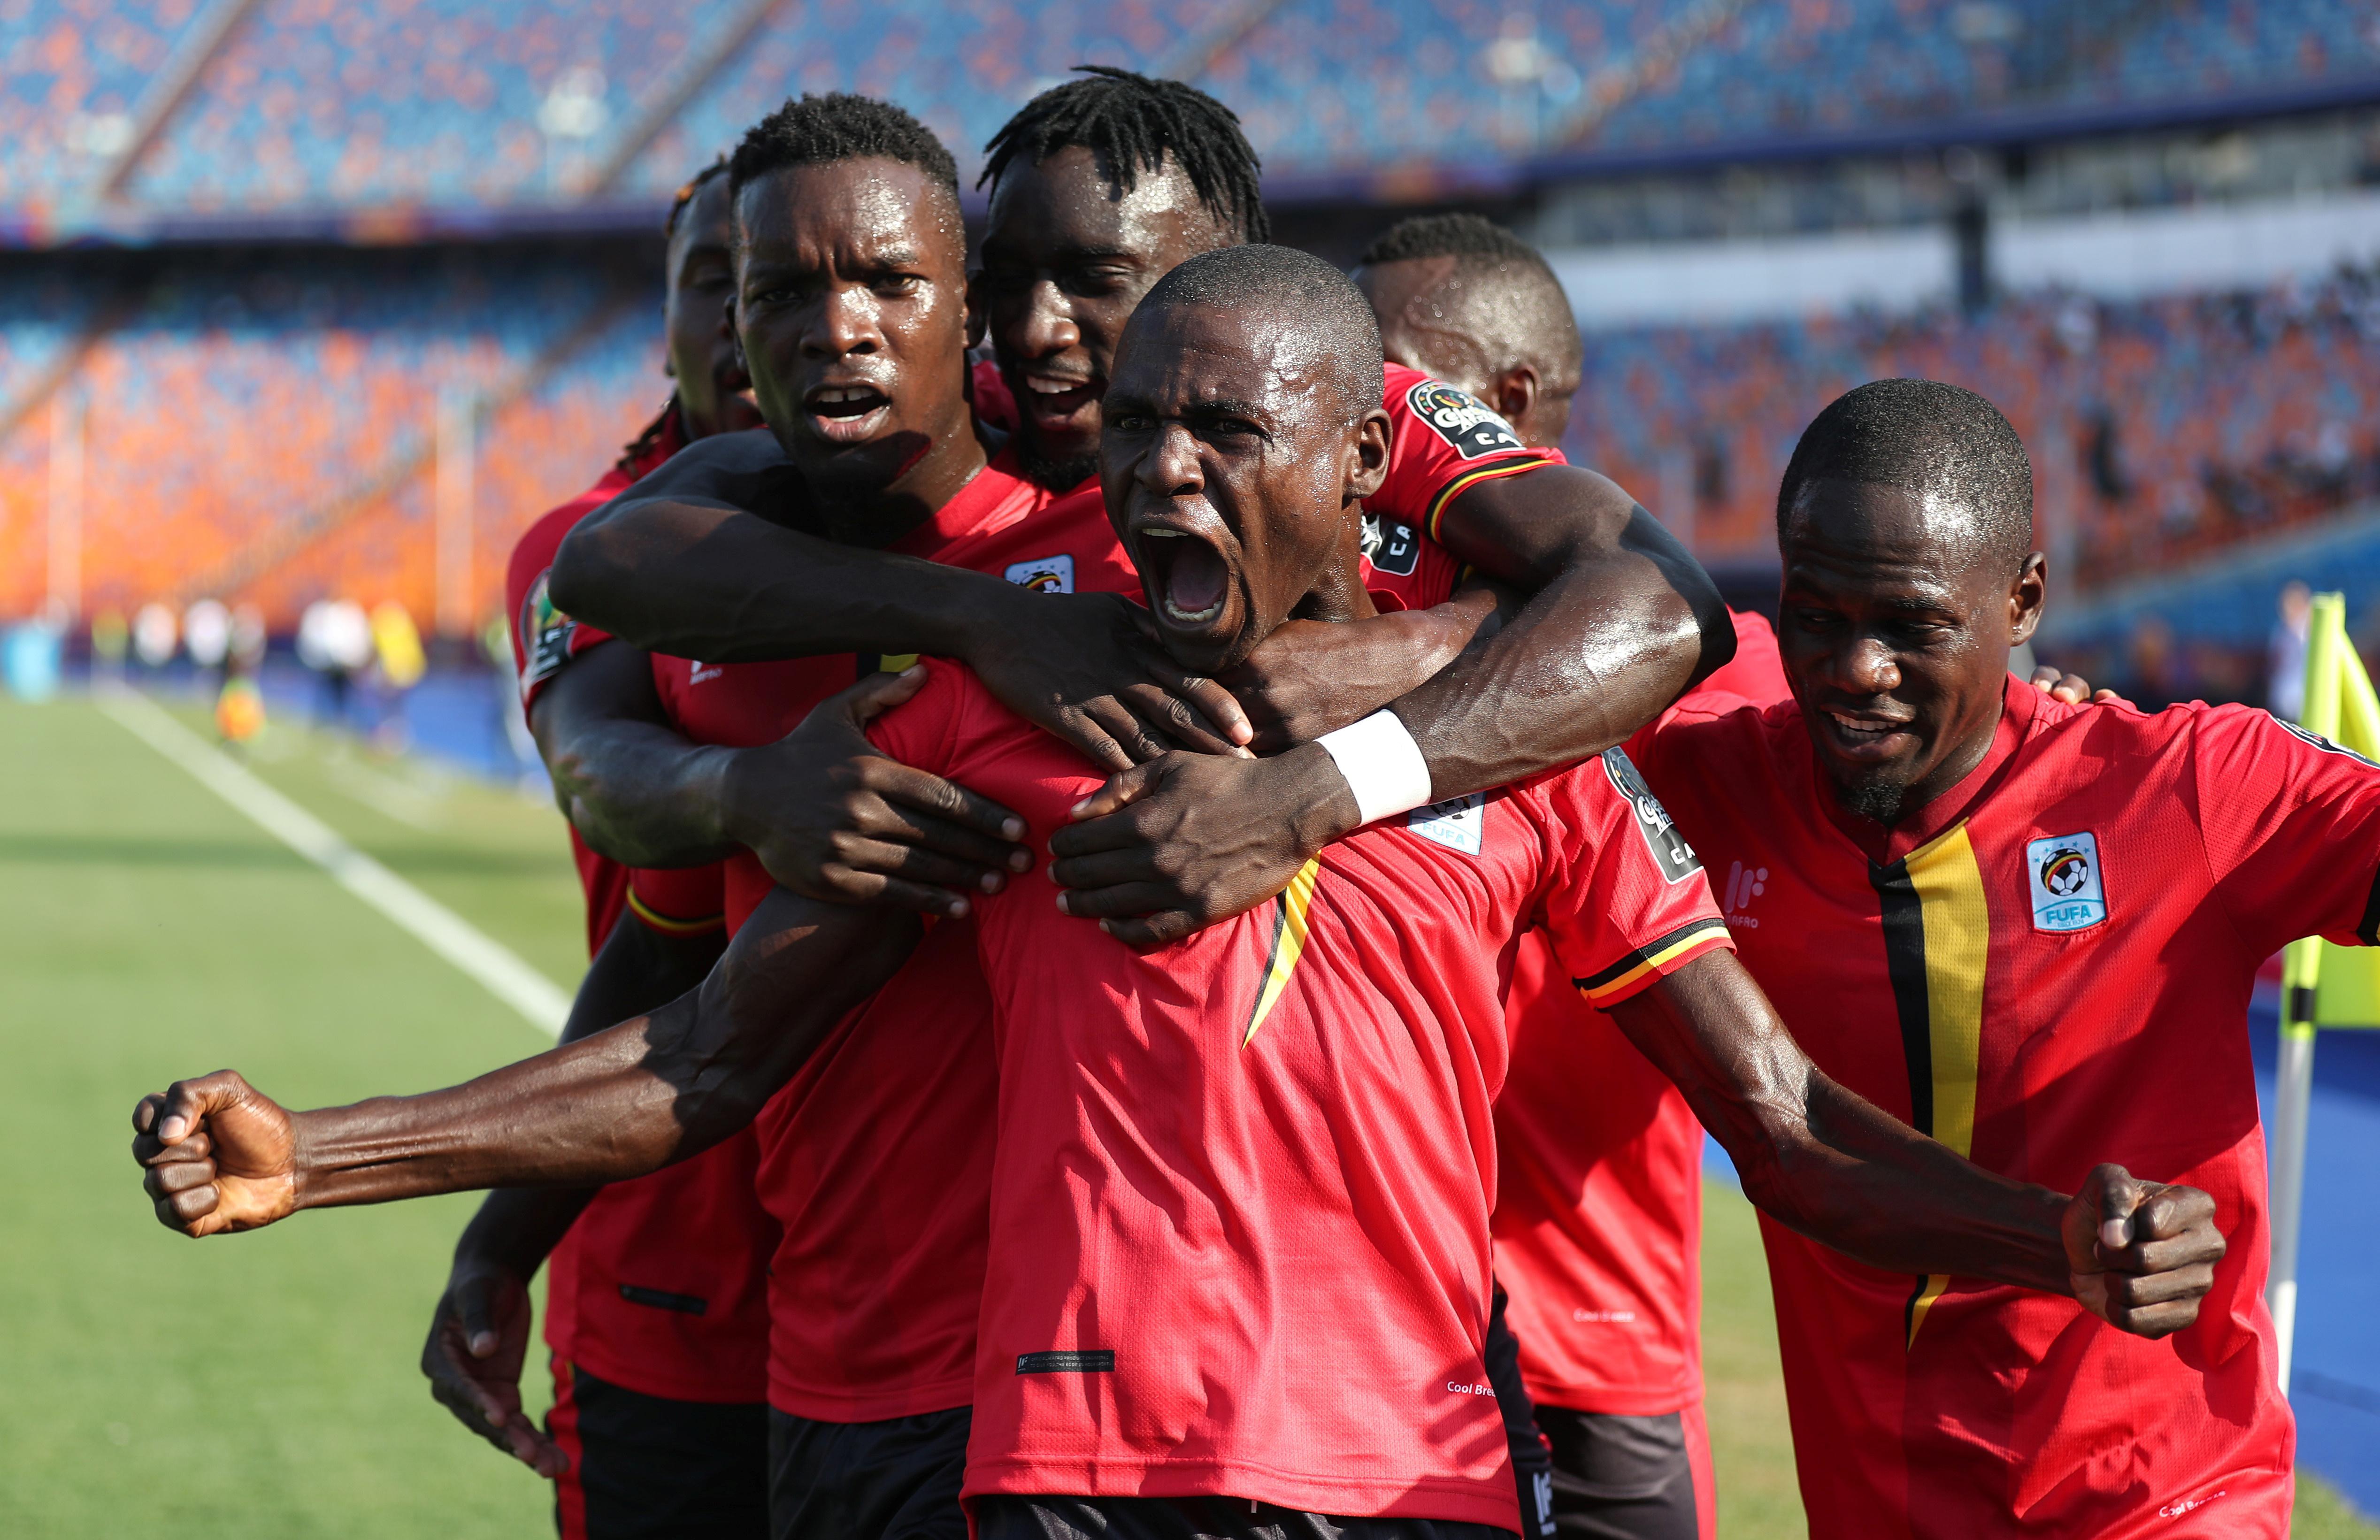 أوغندا تحقق فوزها الأول في كأس الأمم في 41 عاما